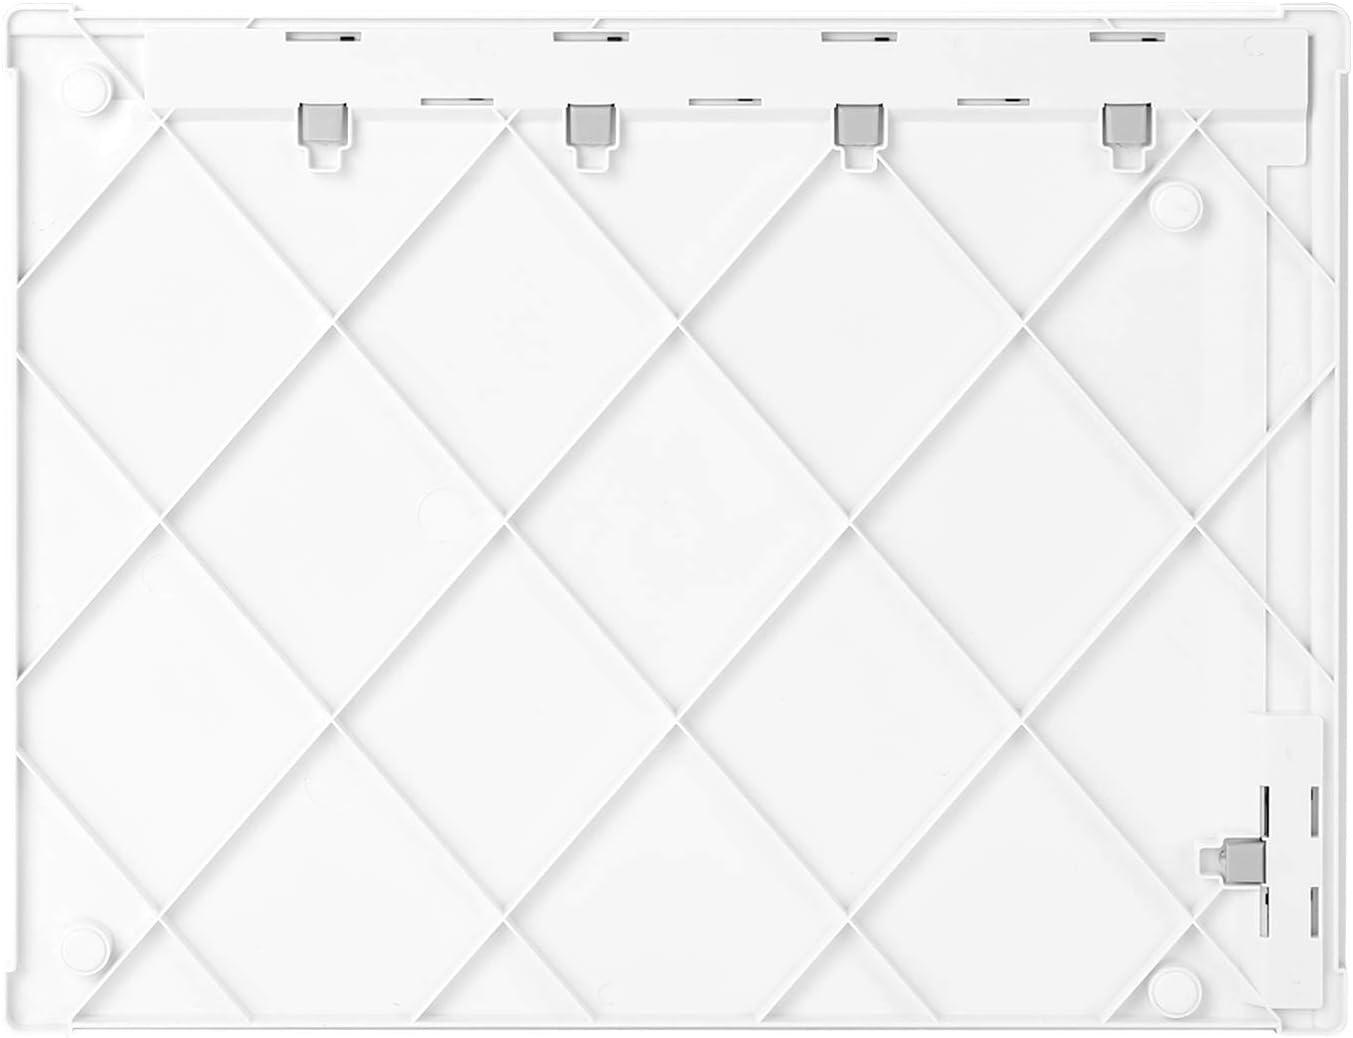 Festnight Tablero de dibujo de imagen A4 Plataforma cartogr/áfica con rieles de gu/ía suaves Marcas precisas Dise/ño funcional Herramienta auxiliar